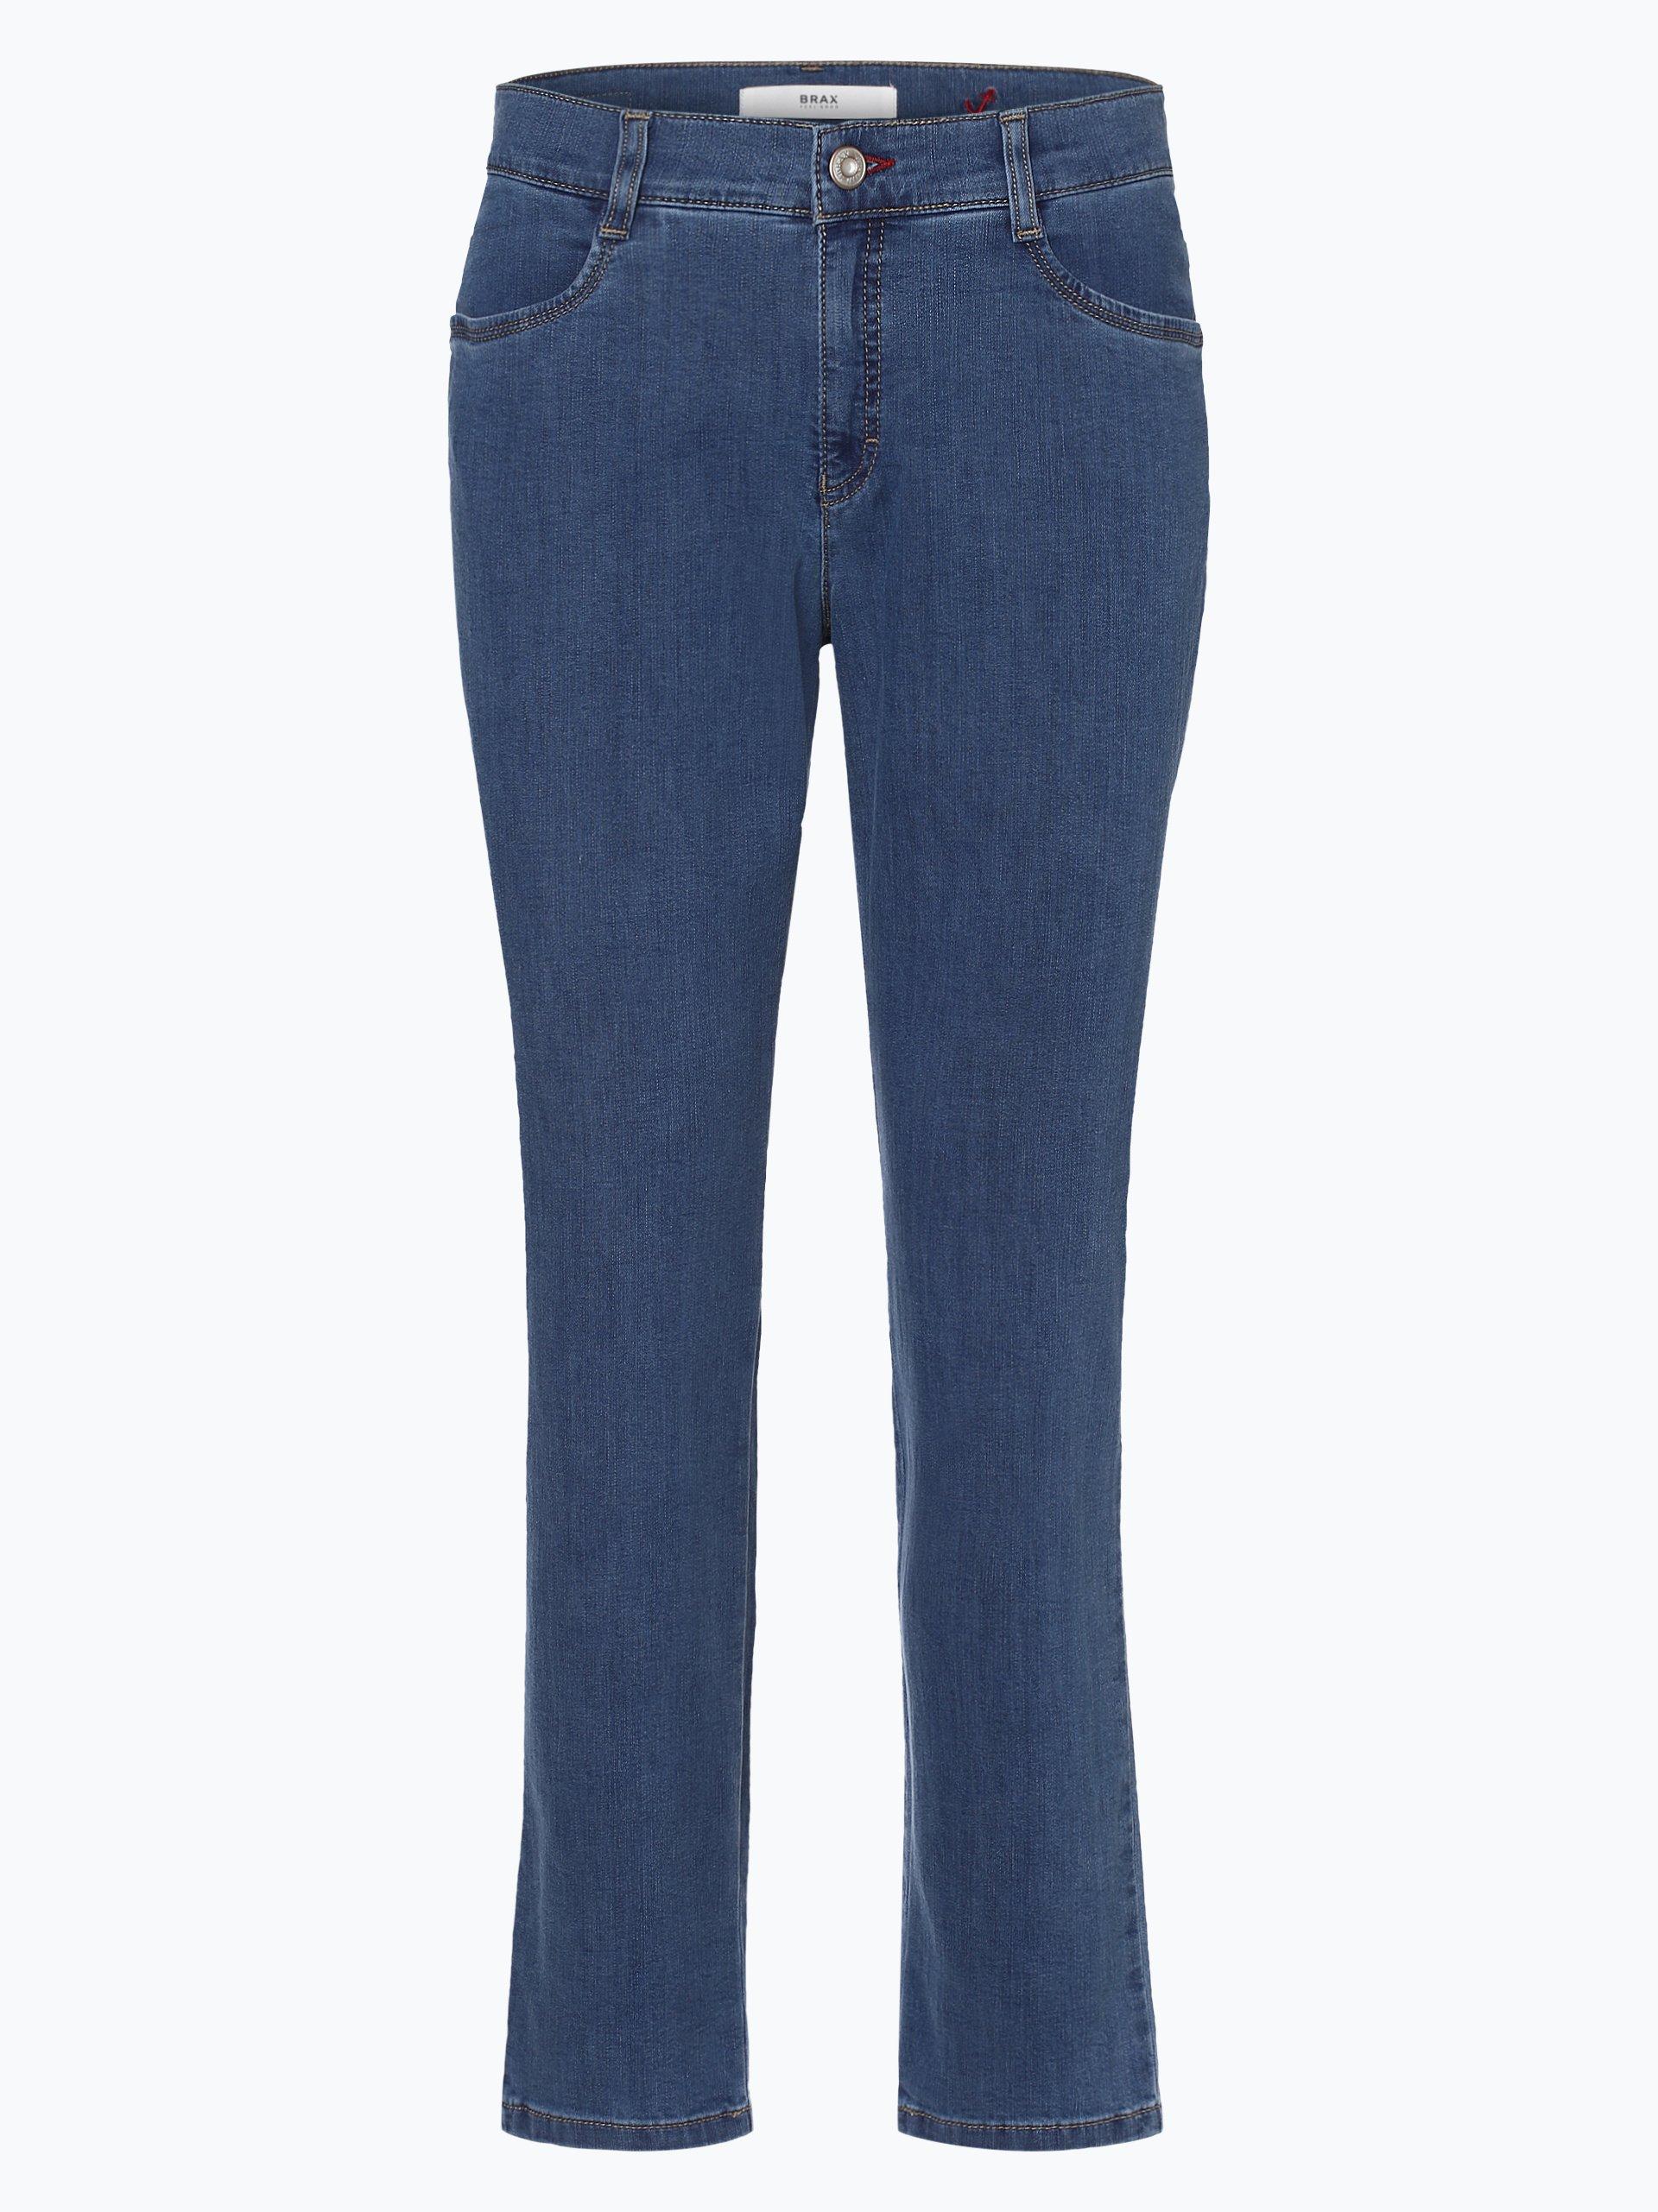 BRAX Damen Jeans - Siri